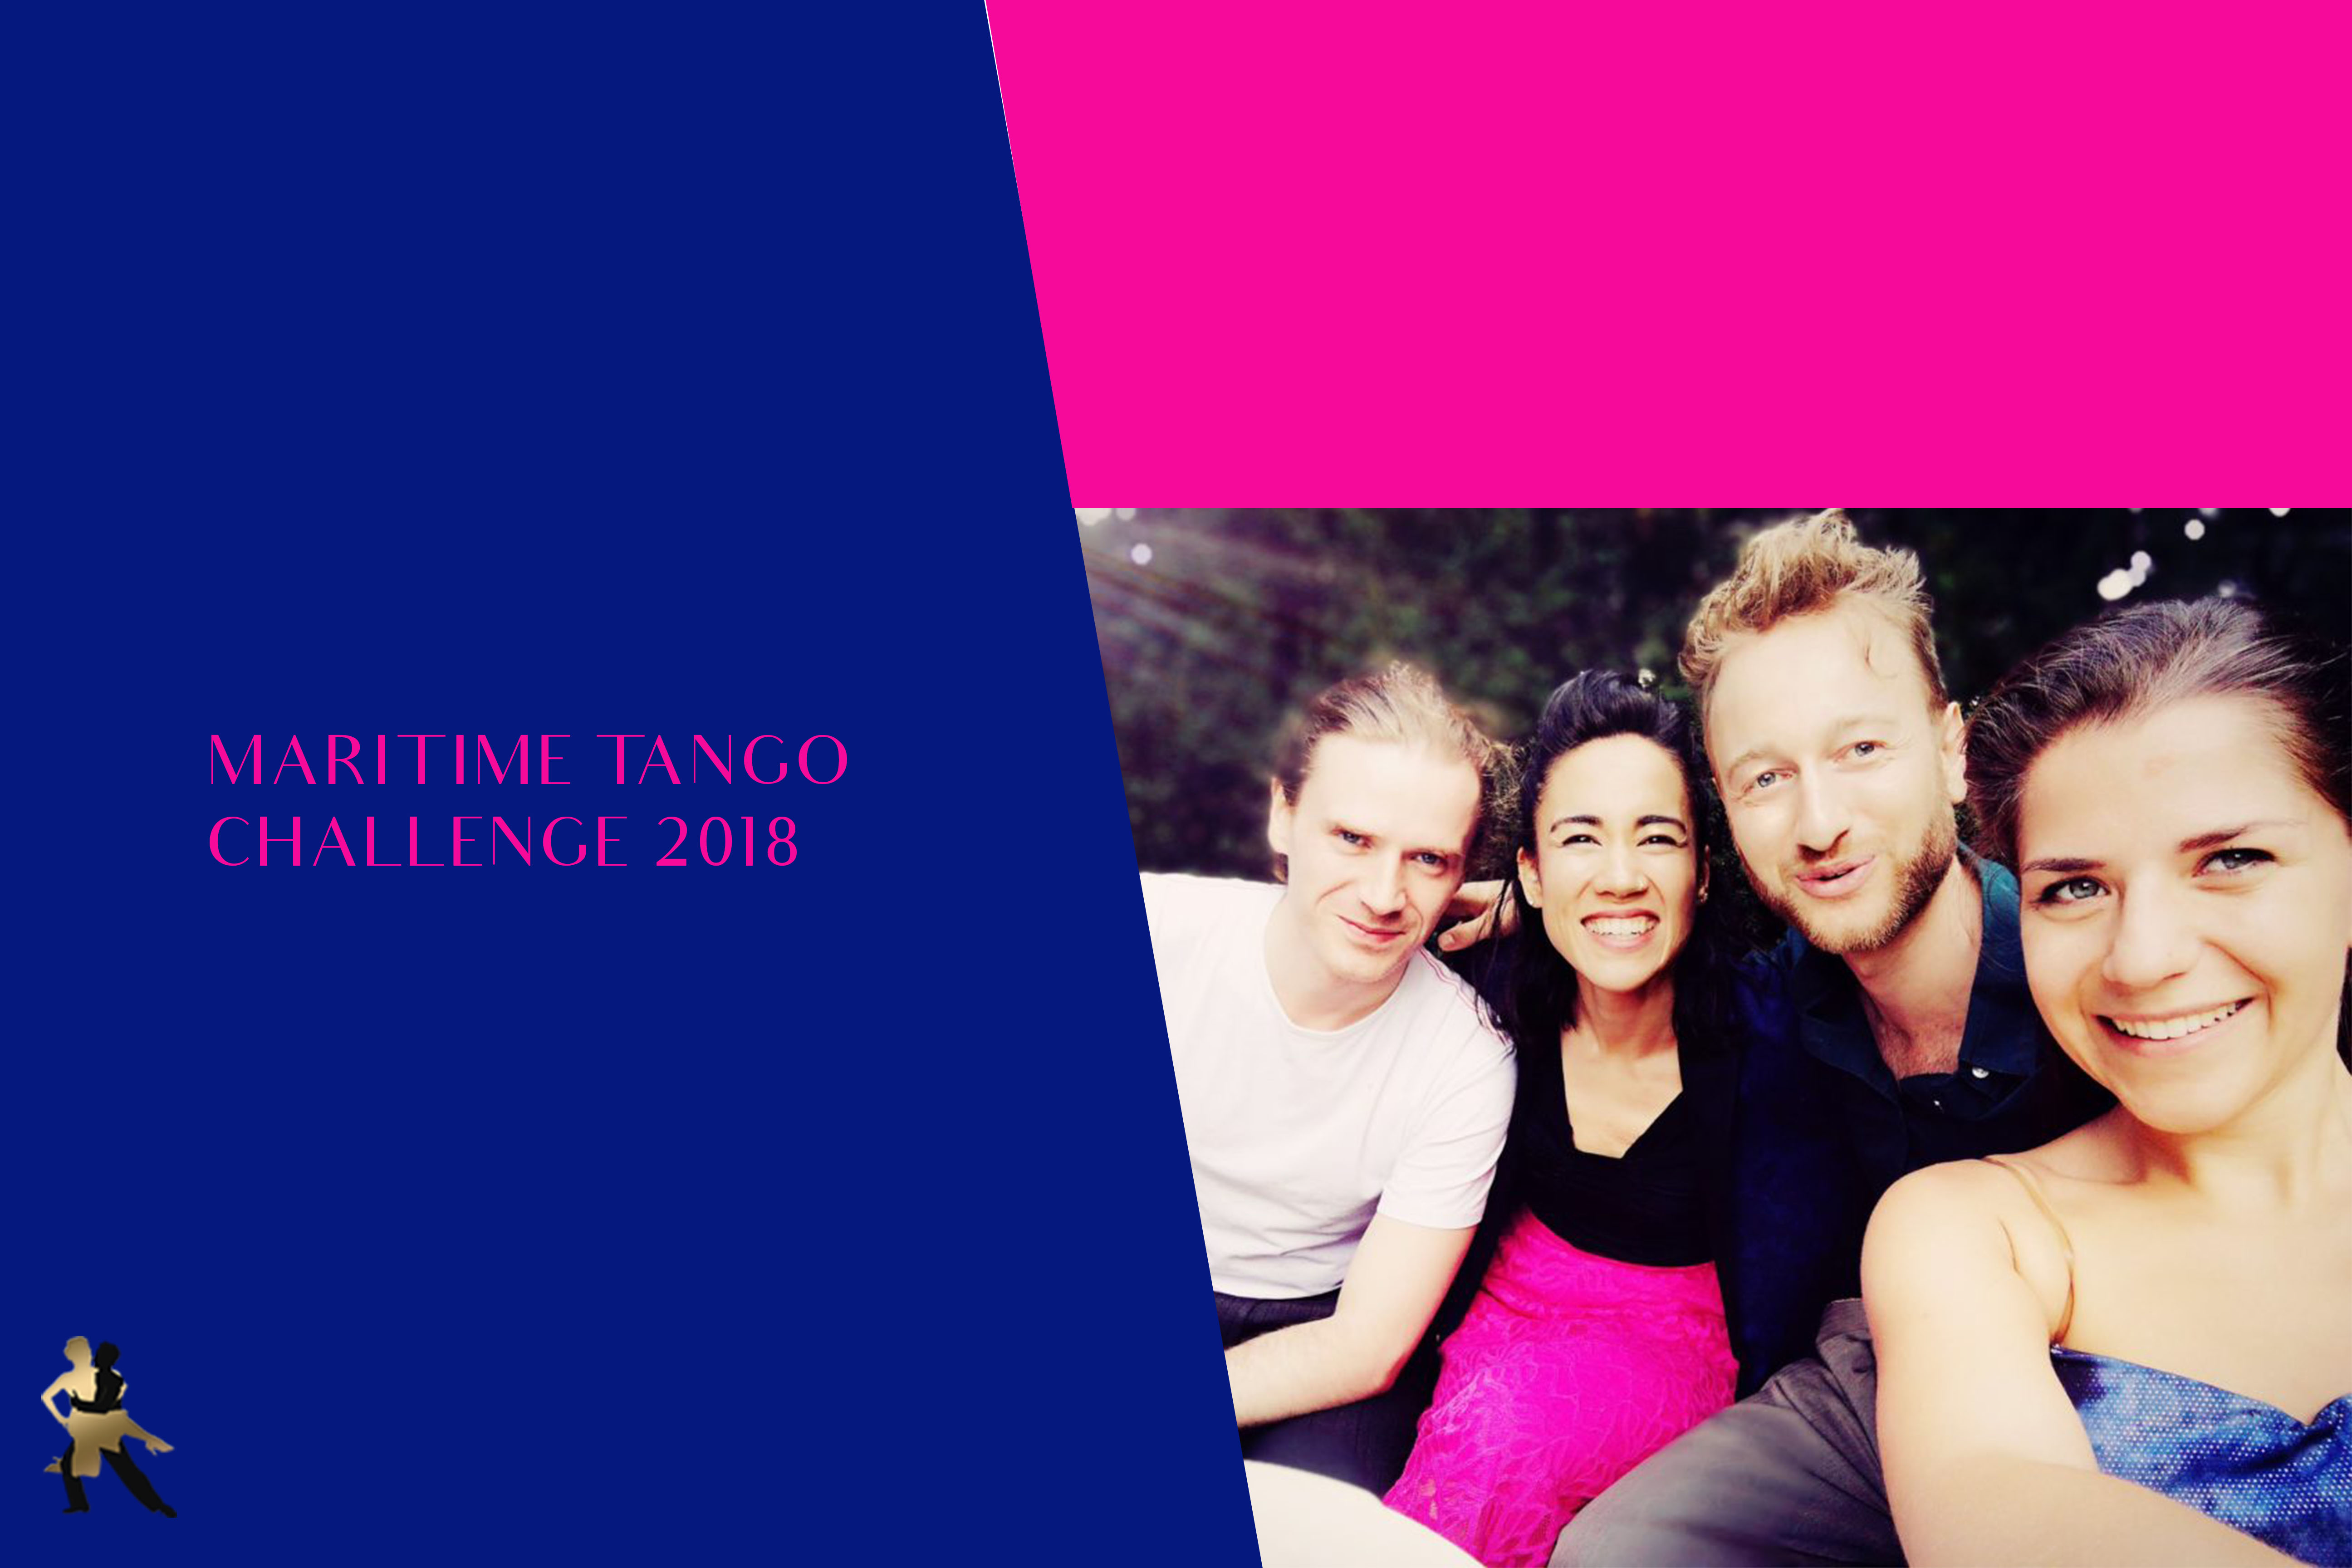 Maritime Tango Challenge 2018